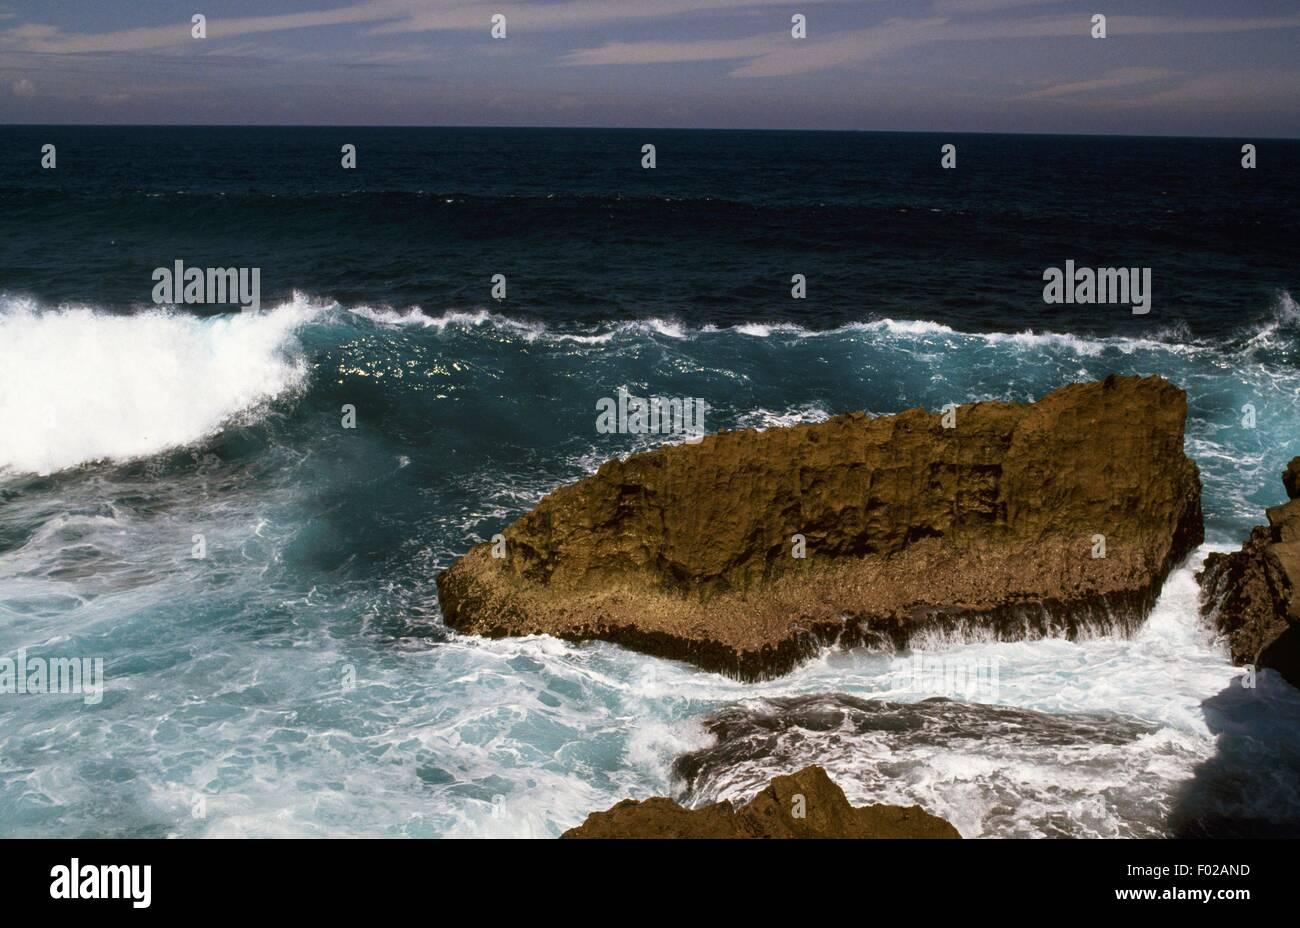 Vagues se brisant sur la côte rocheuse, Puerto Rico. Photo Stock